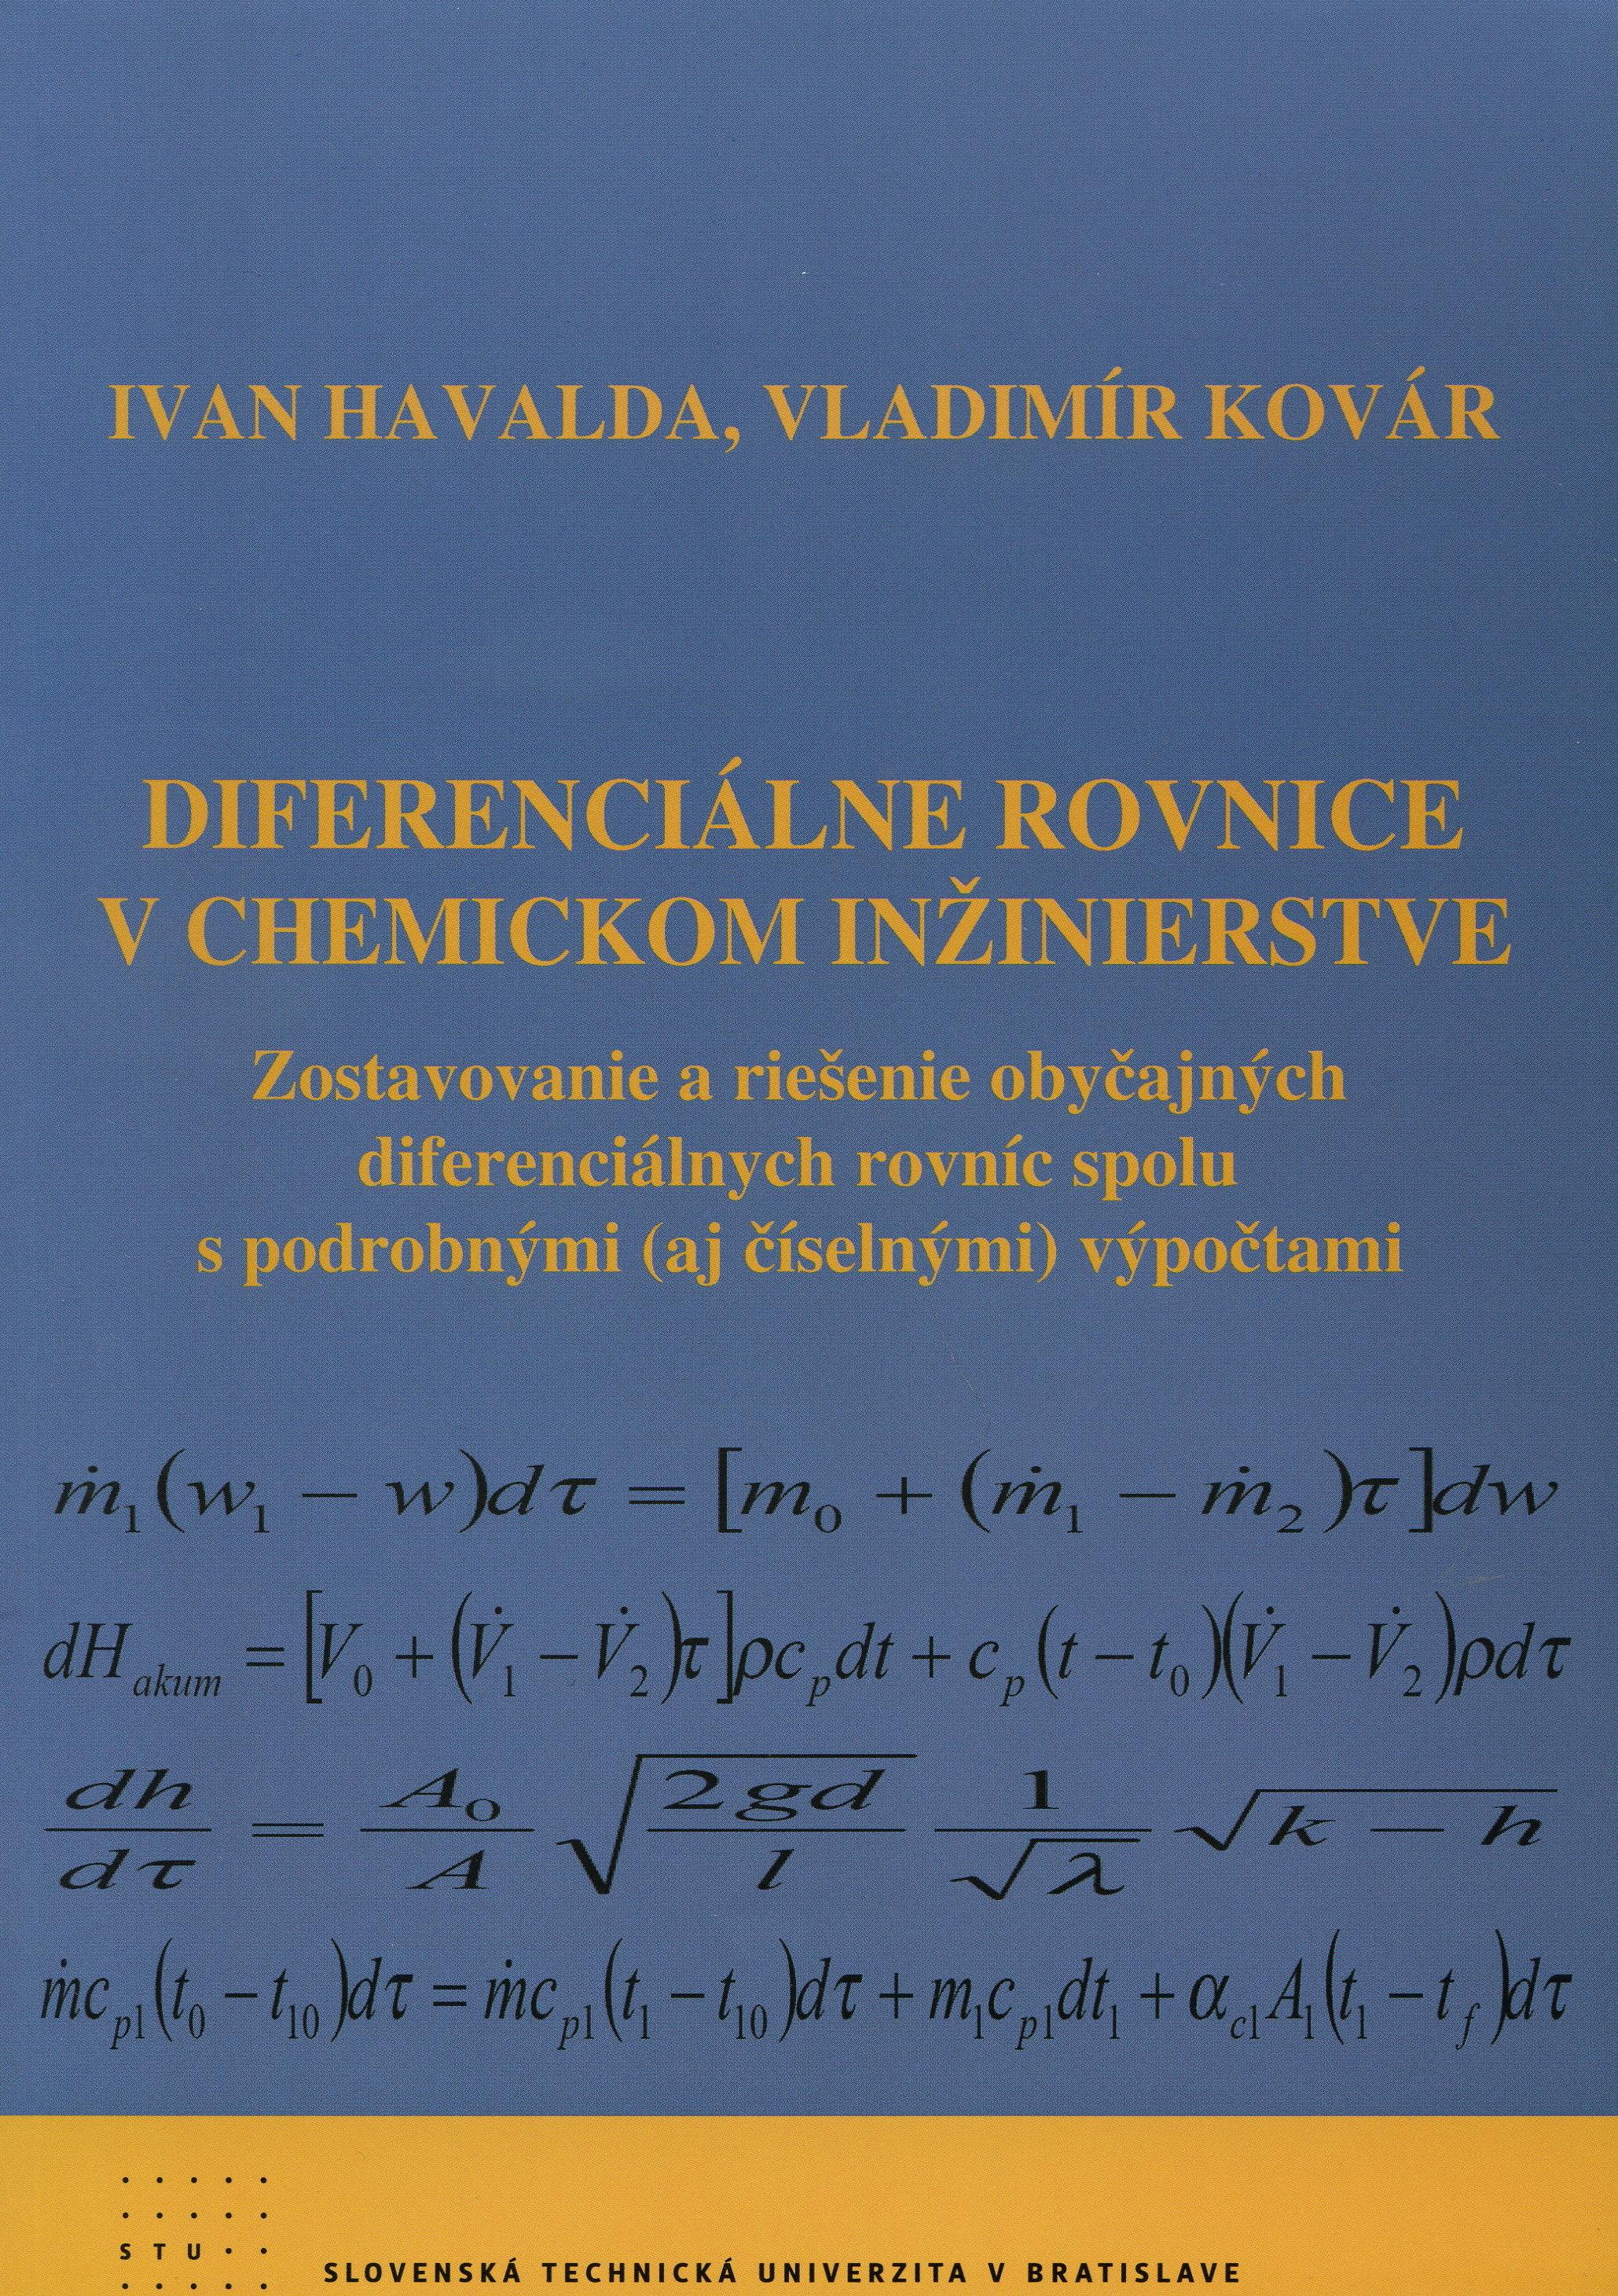 Diferenciálne rovnice v chemickom inžinierstve - Zostavovanie a riešenie obyčajných diferenciálnych rovníc